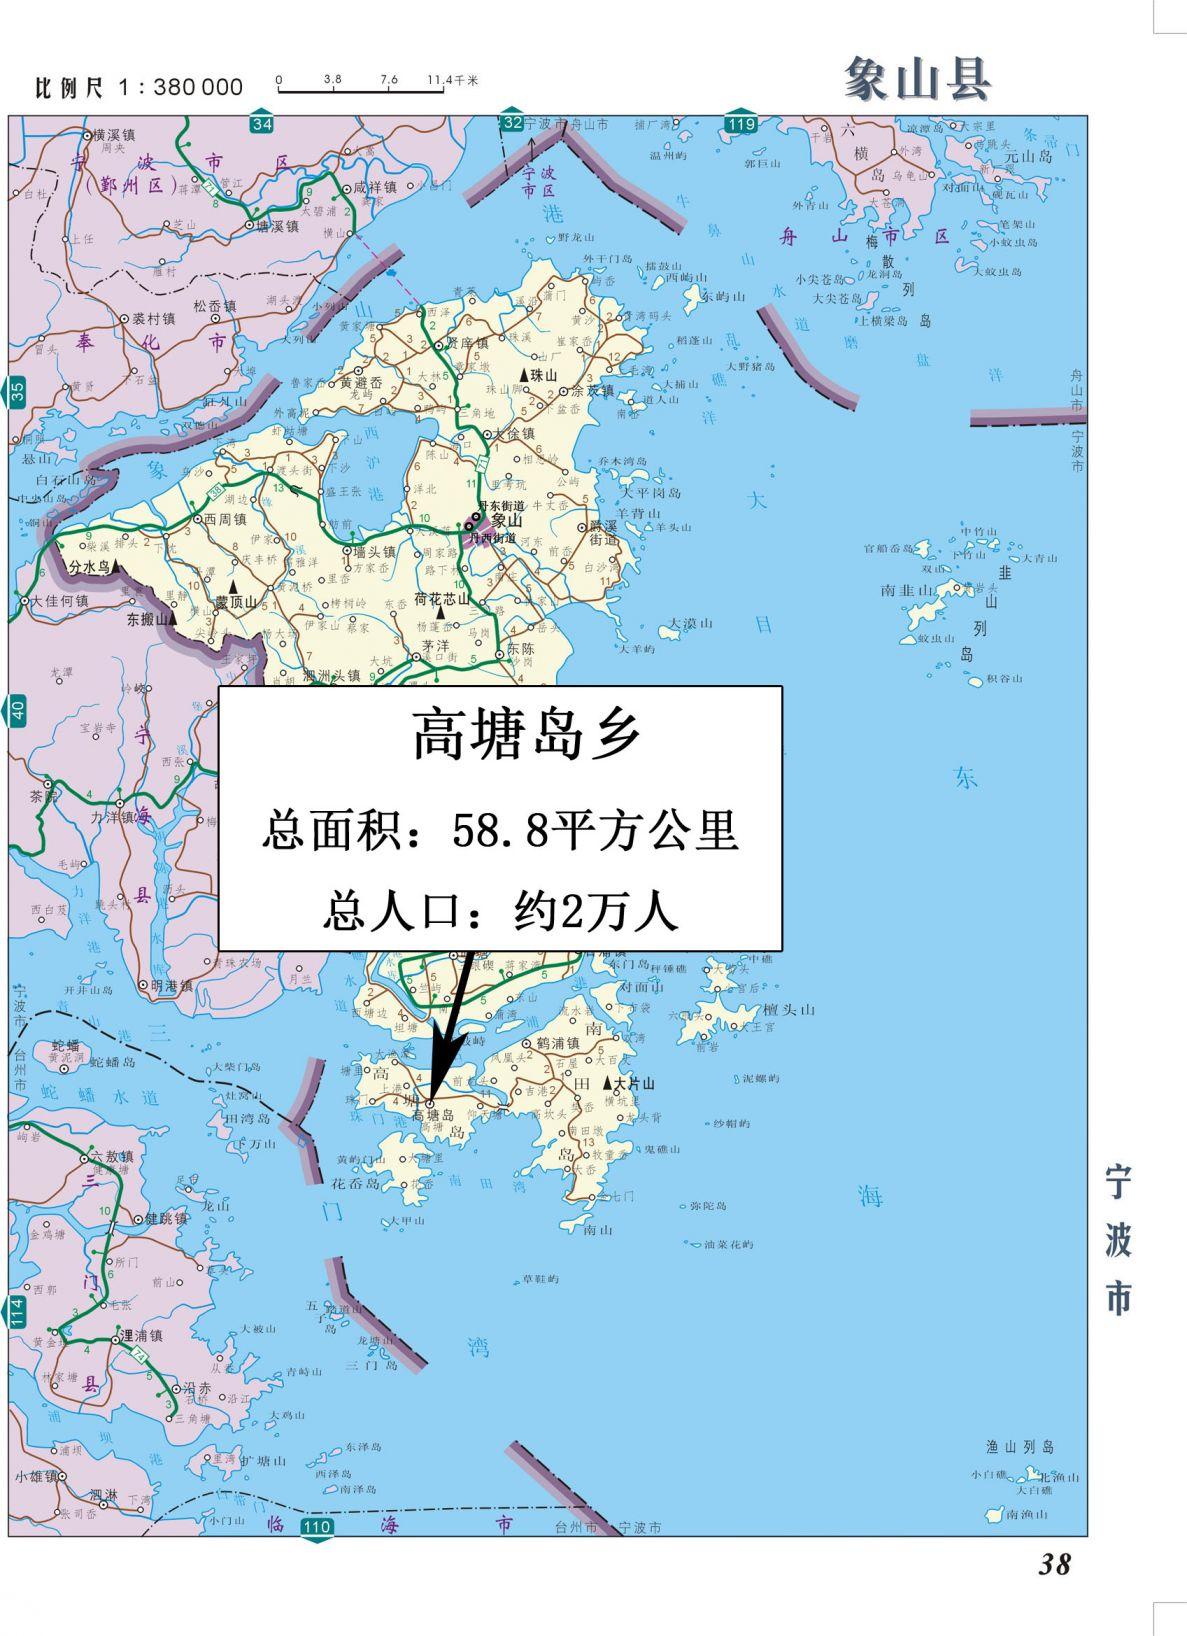 象山县高塘岛乡地图全图高清版